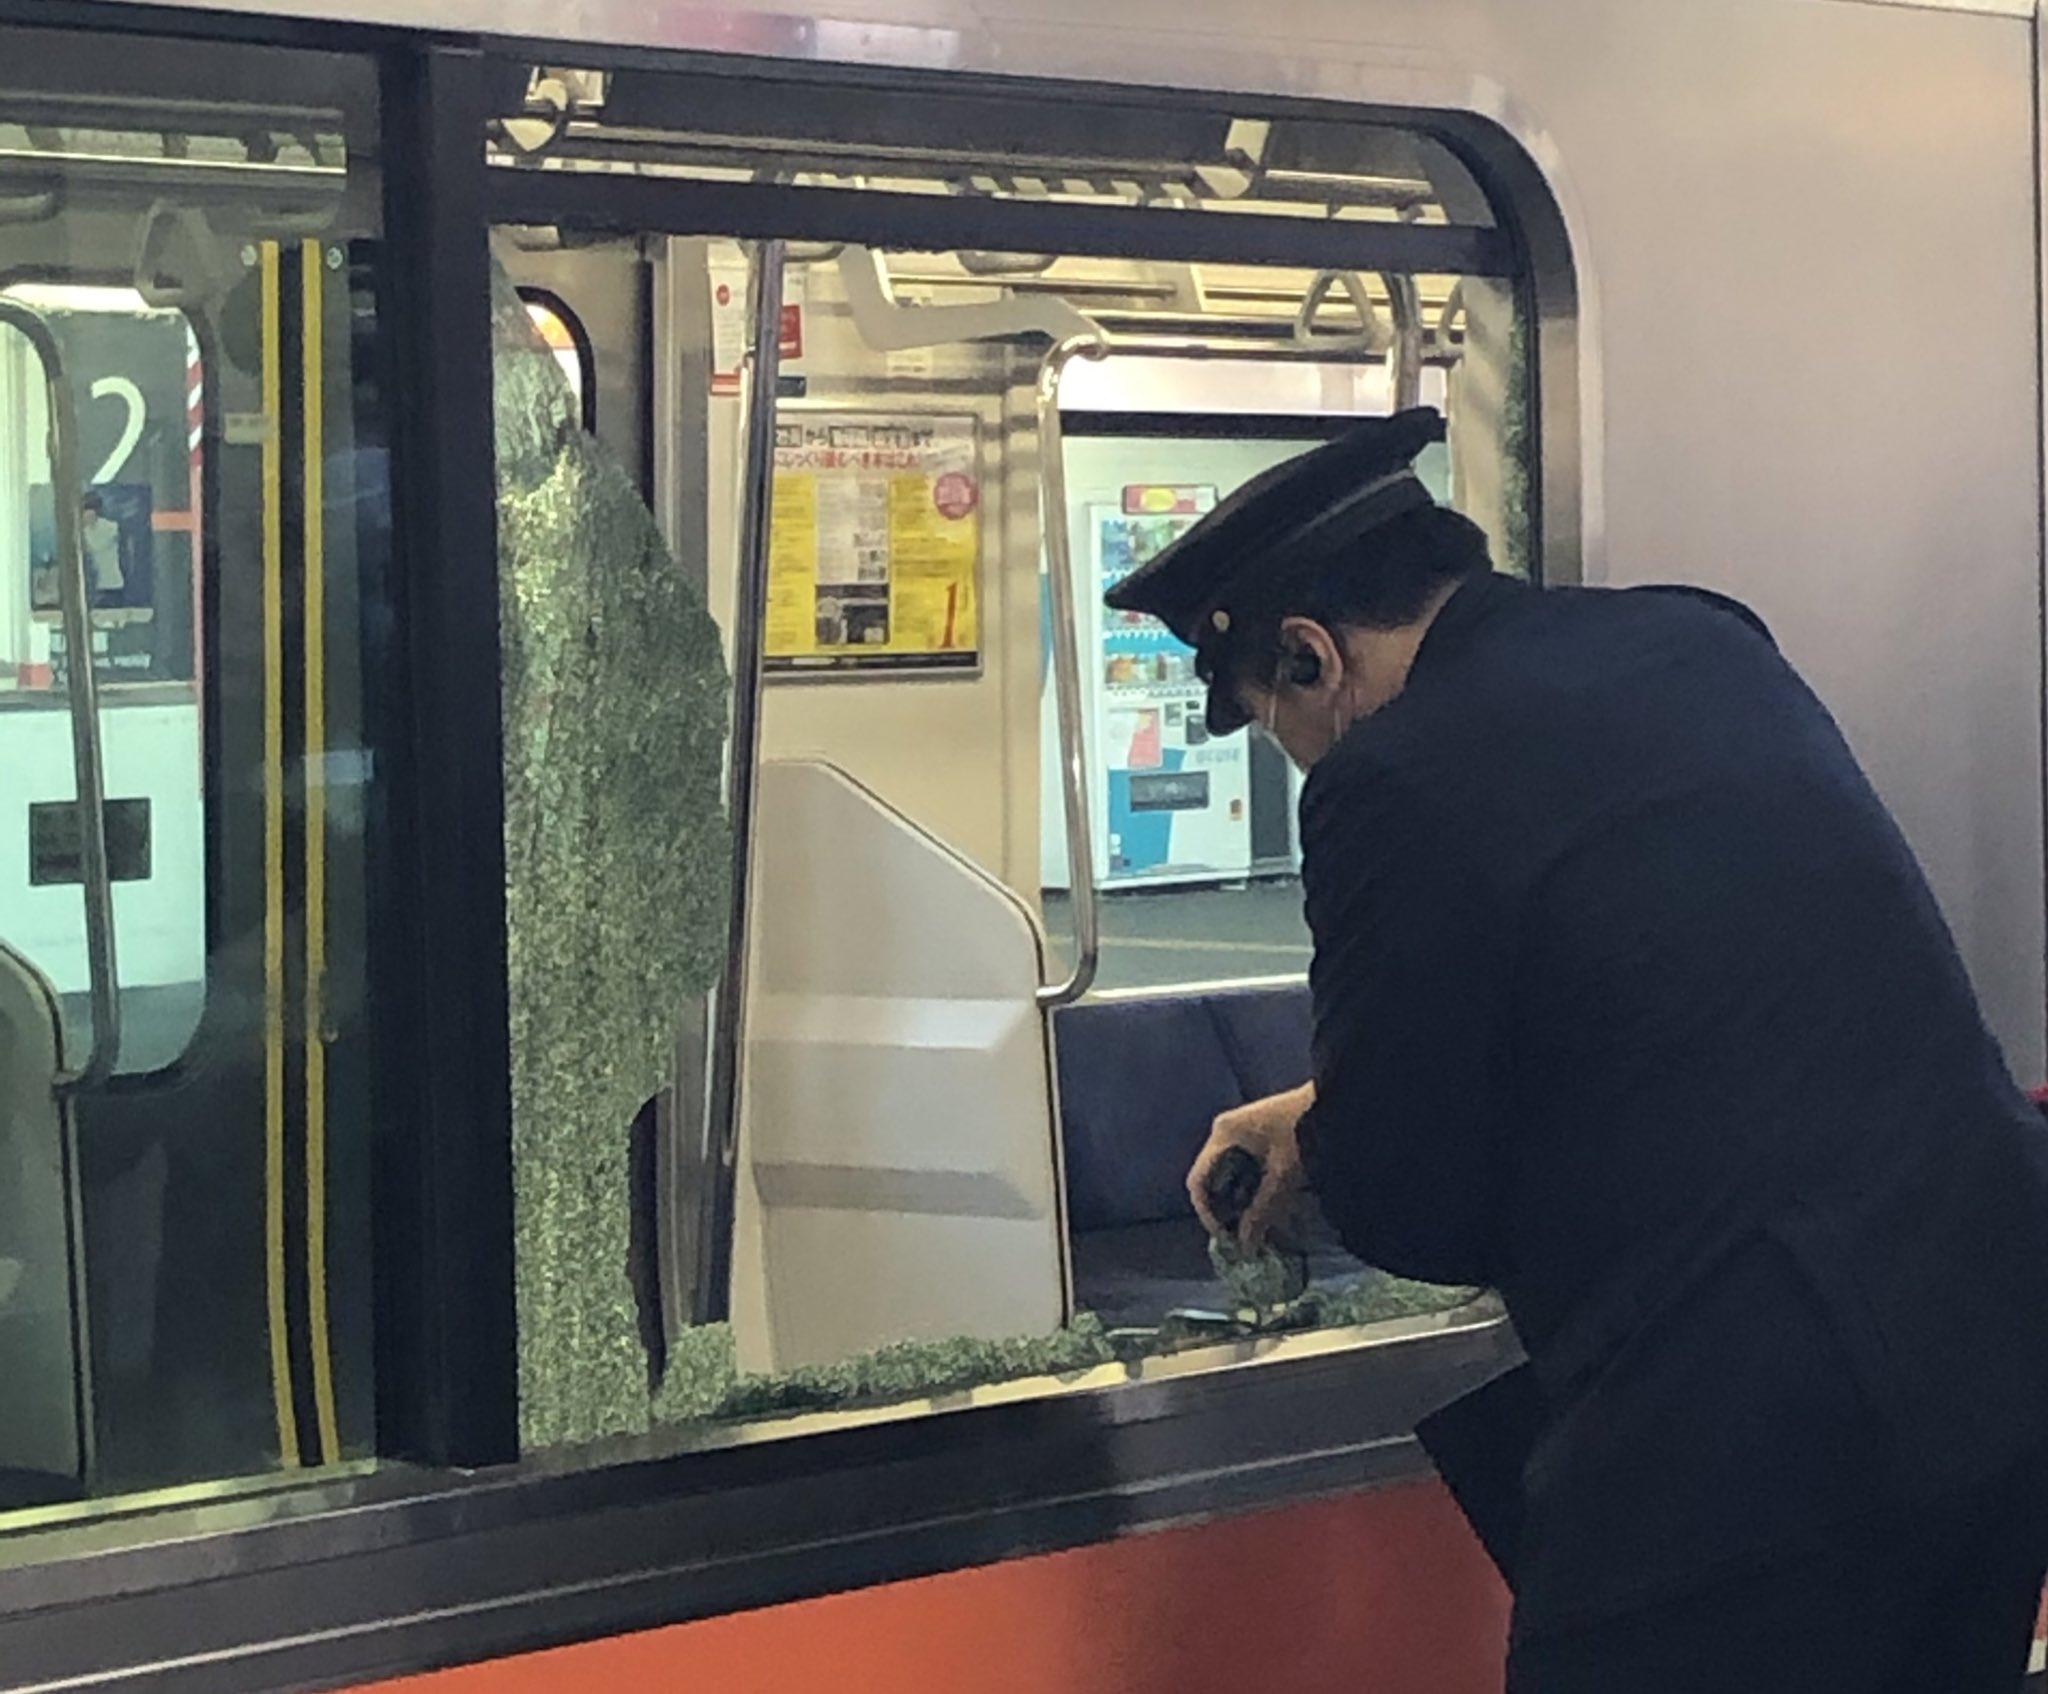 武蔵野線の西国分寺駅で電車の窓ガラスが割れた現場の画像